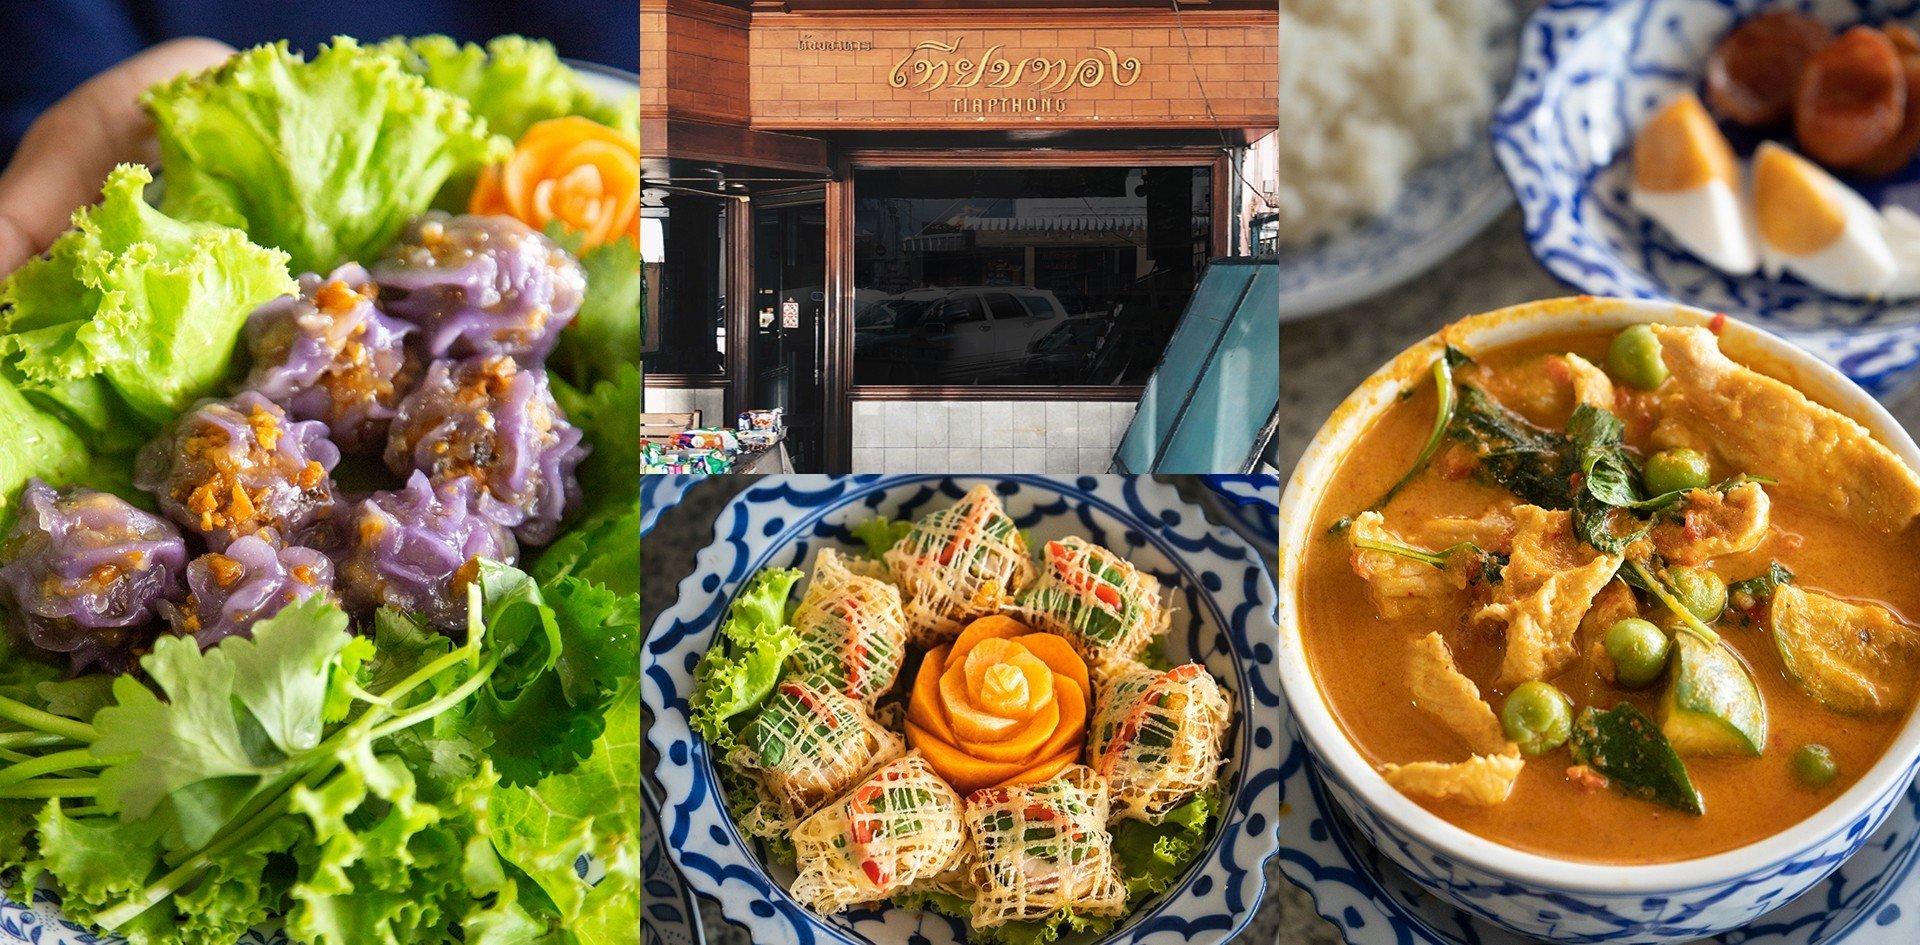 [รีวิว] ร้านเทียบทอง ชลบุรี ร้านอาหารไทยต้นตำรับชาววัง ตำนาน 30 ปี